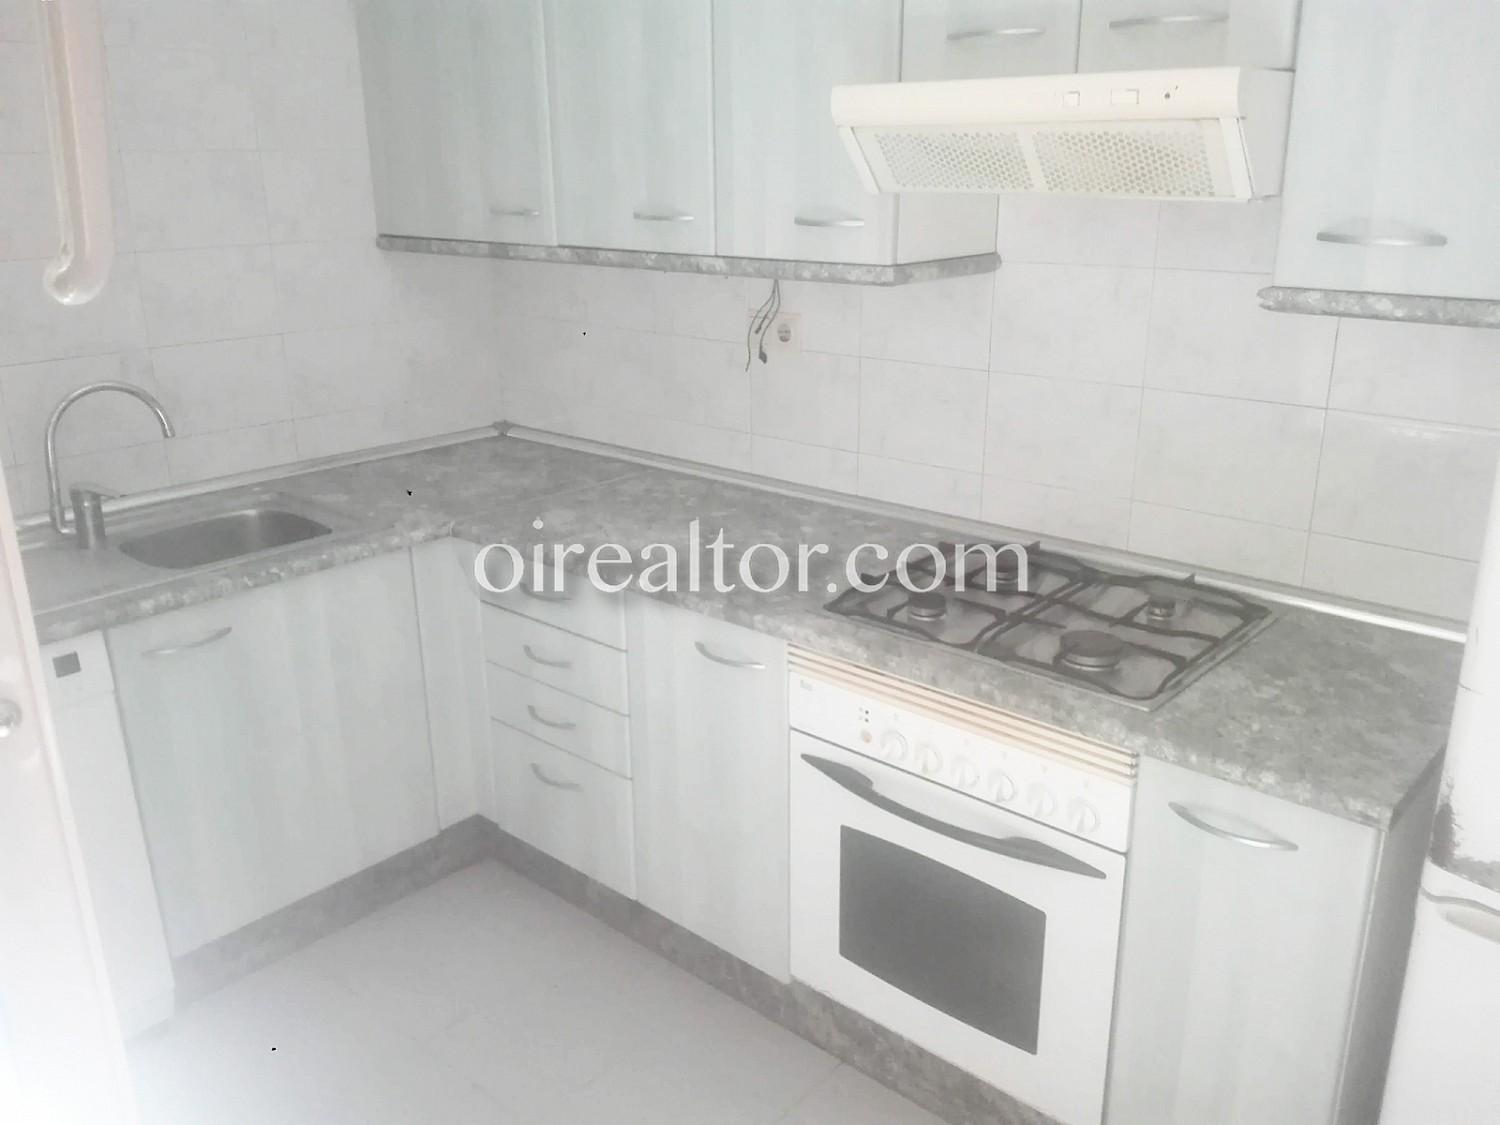 Продается квартира в Побленоу, Барселона.